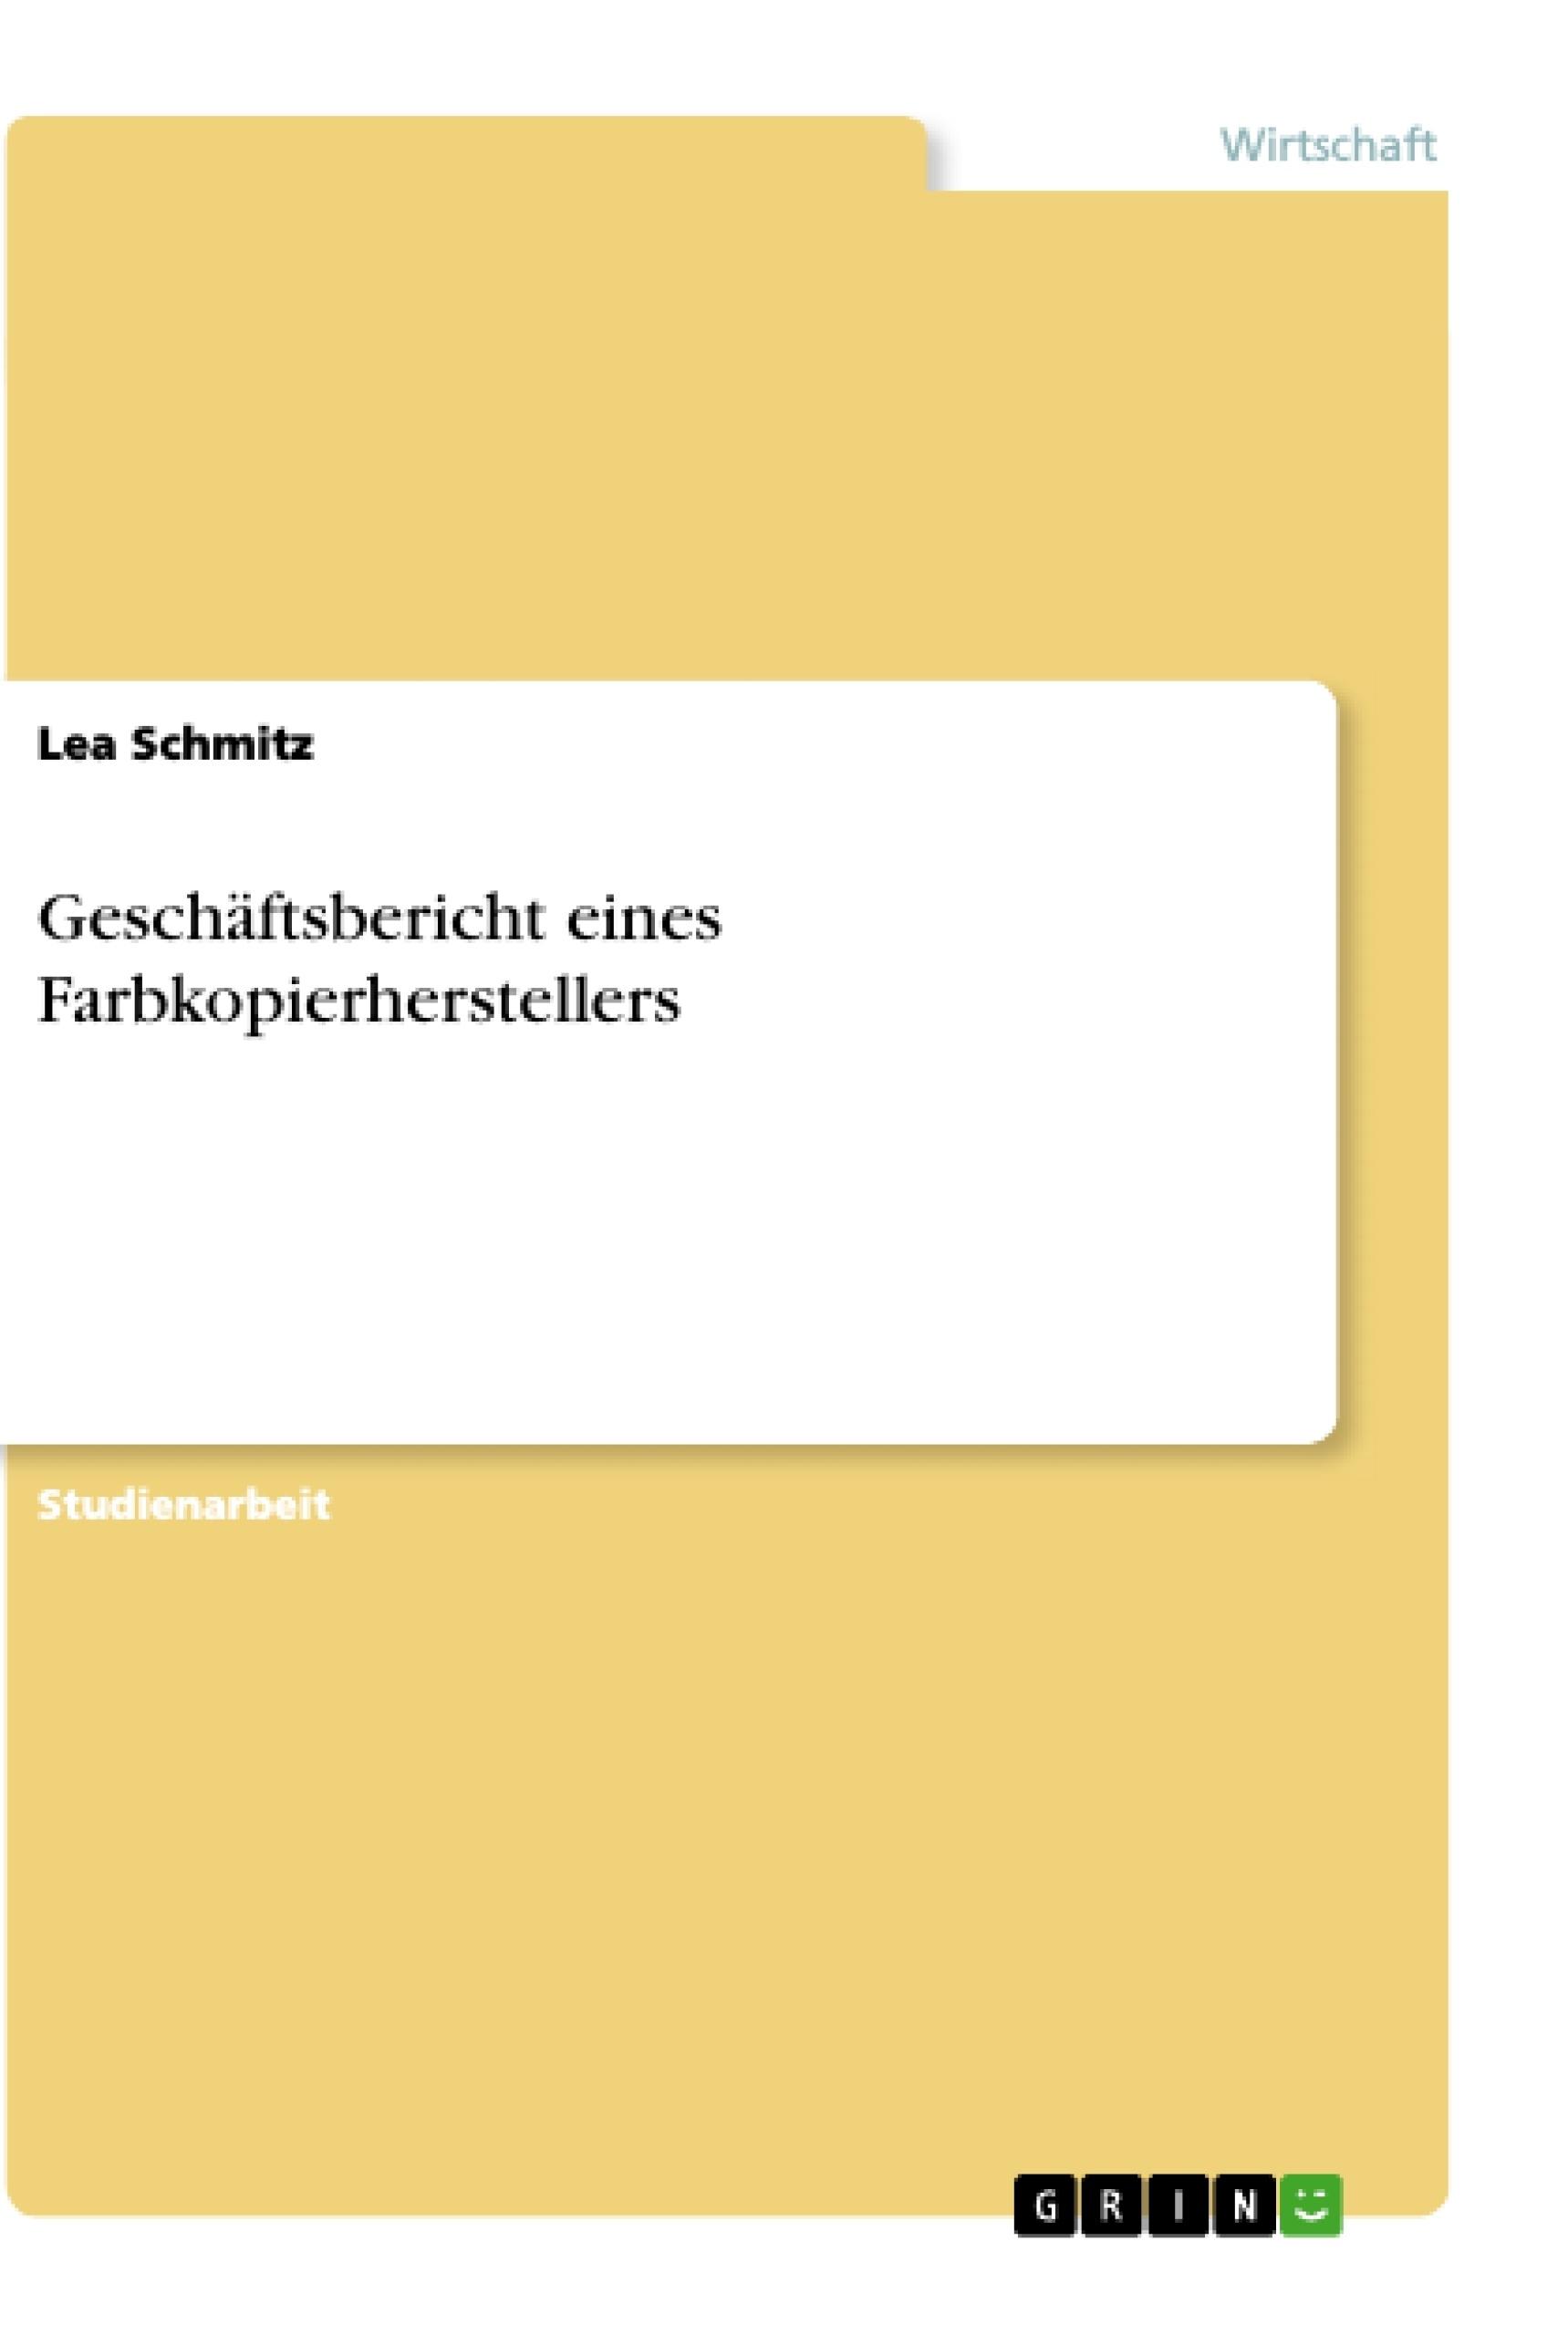 Titel: Geschäftsbericht eines Farbkopierherstellers